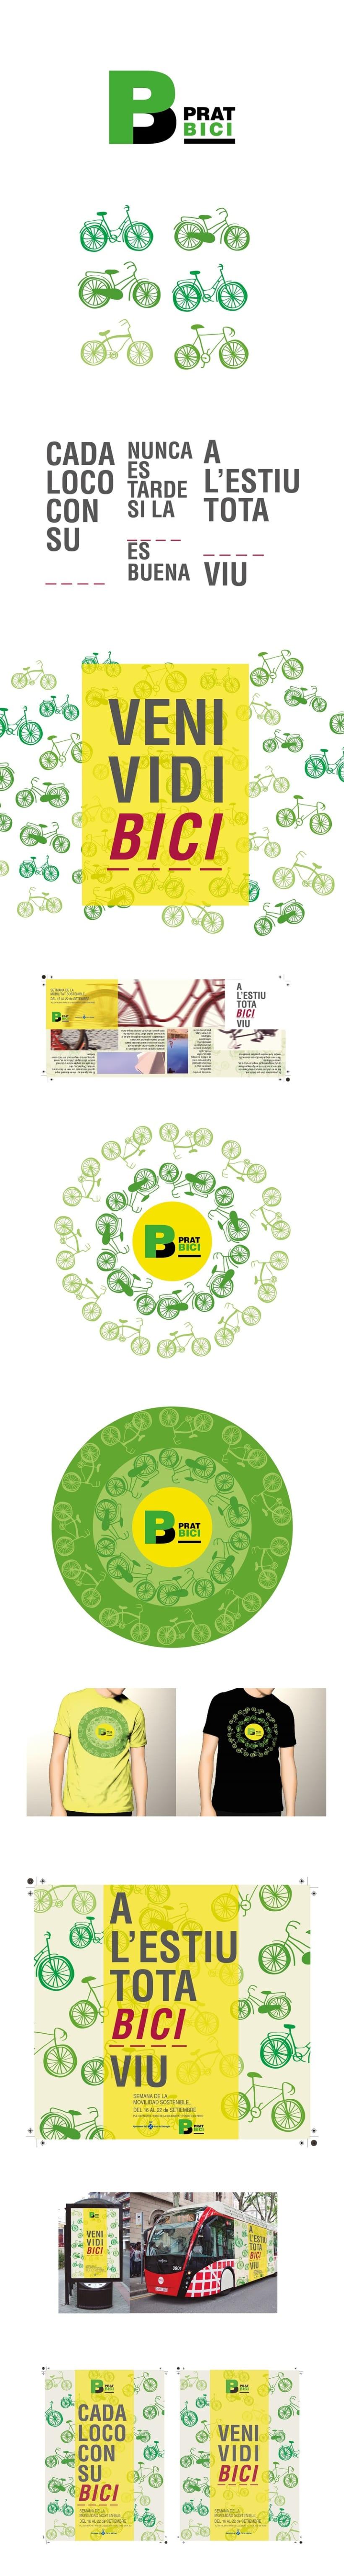 Campaña movilidad sostenible  PRATBICI_ 0